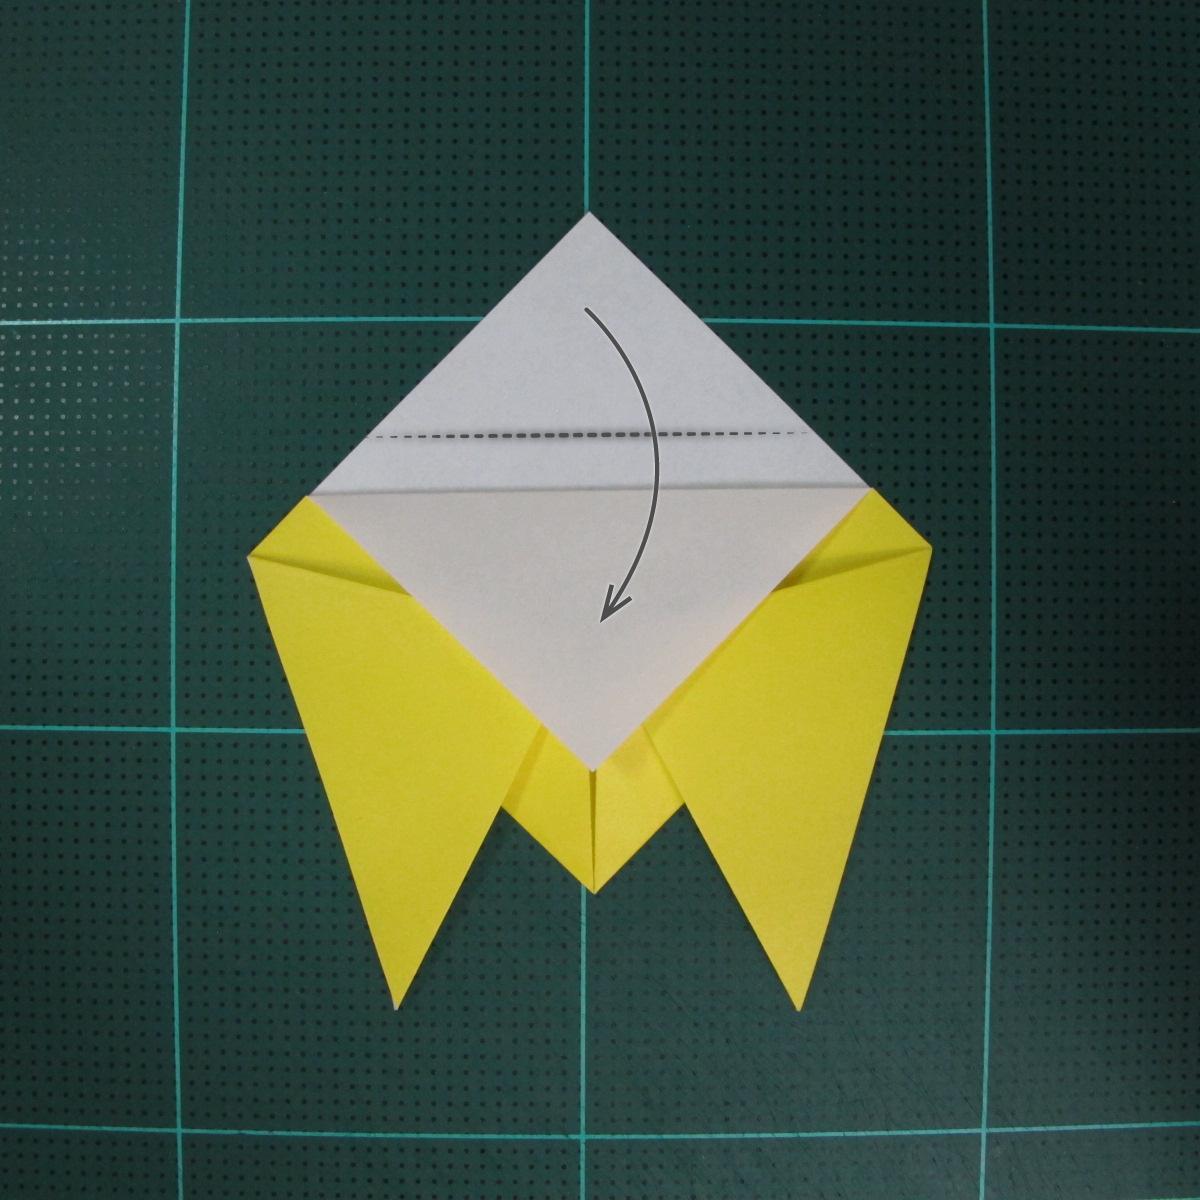 วิธีพับกระดาษเป็นรูปจั้กจั่น (Origami Cicada) 005